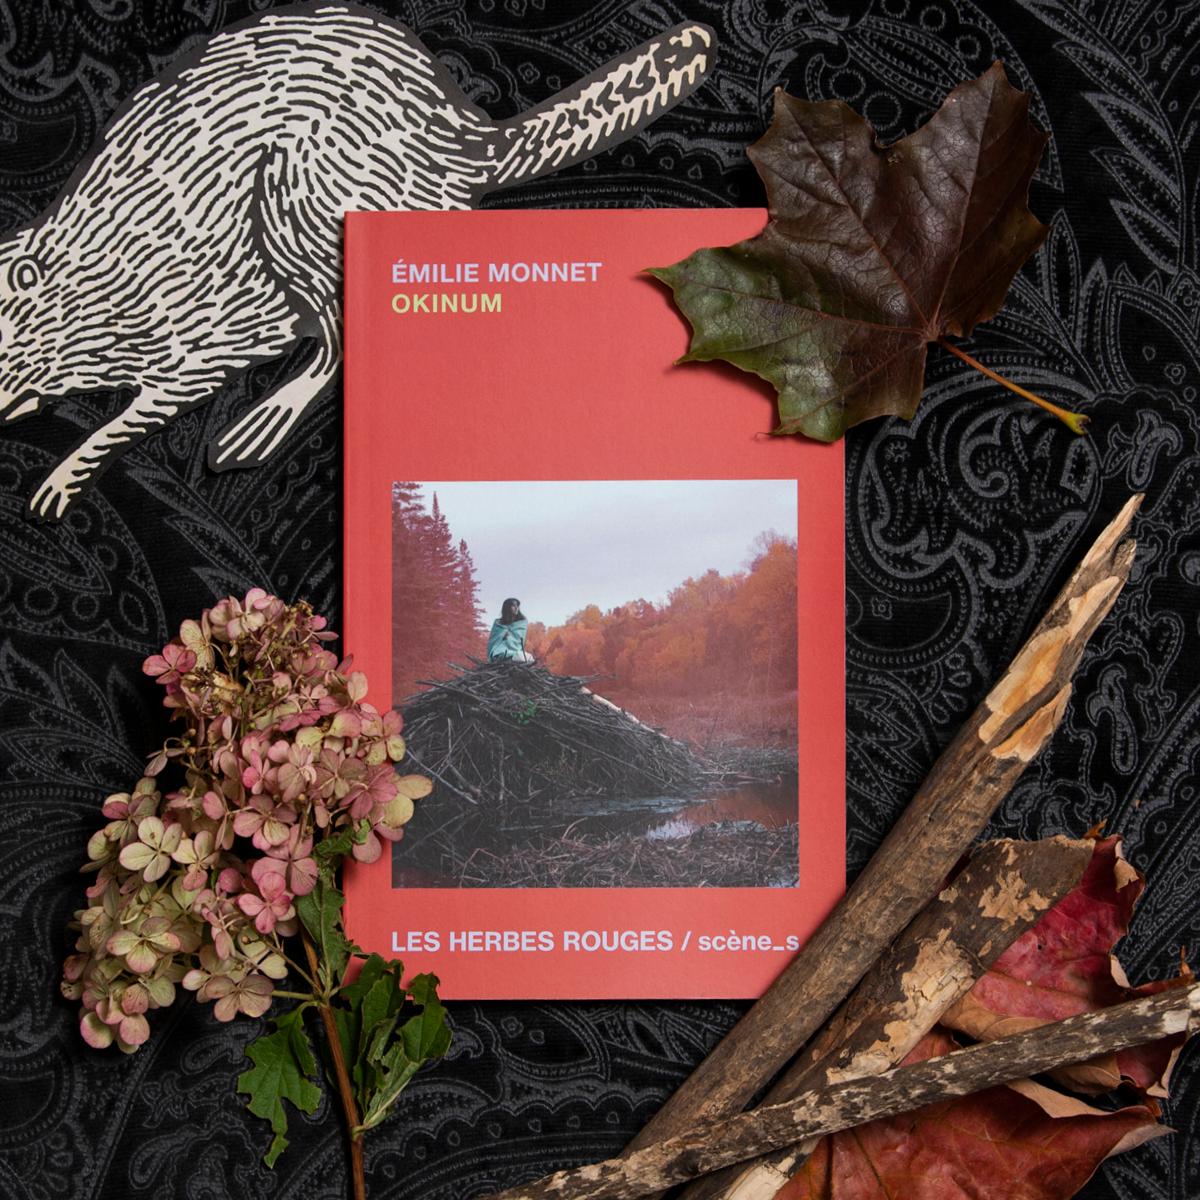 Okinum, d'Émilie Monnet, éditions Les Herbes rouges